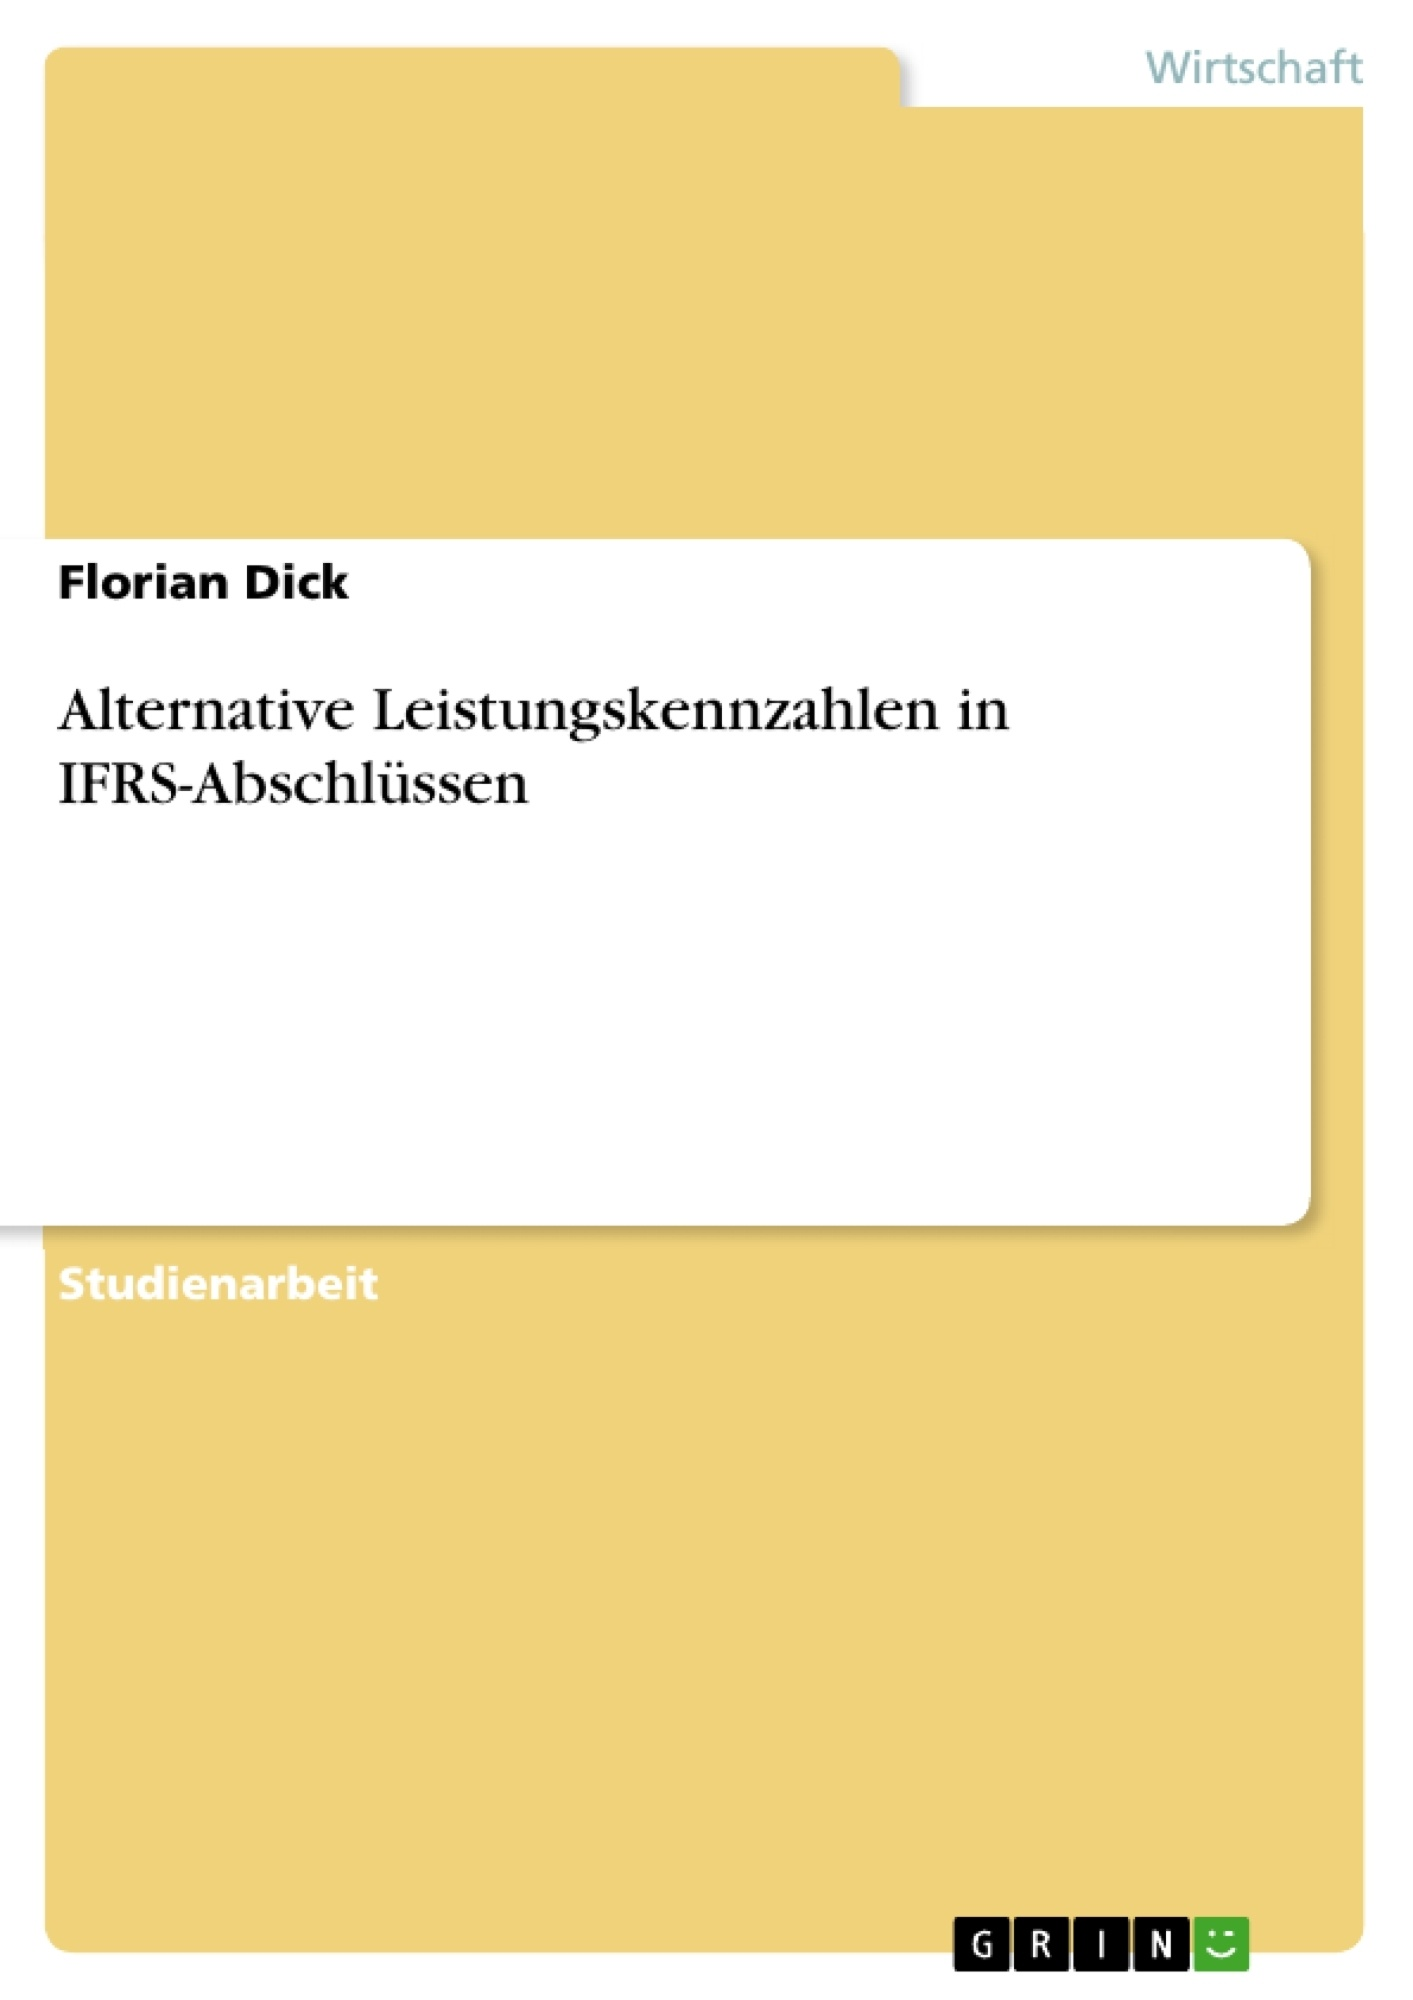 Titel: Alternative Leistungskennzahlen in IFRS-Abschlüssen